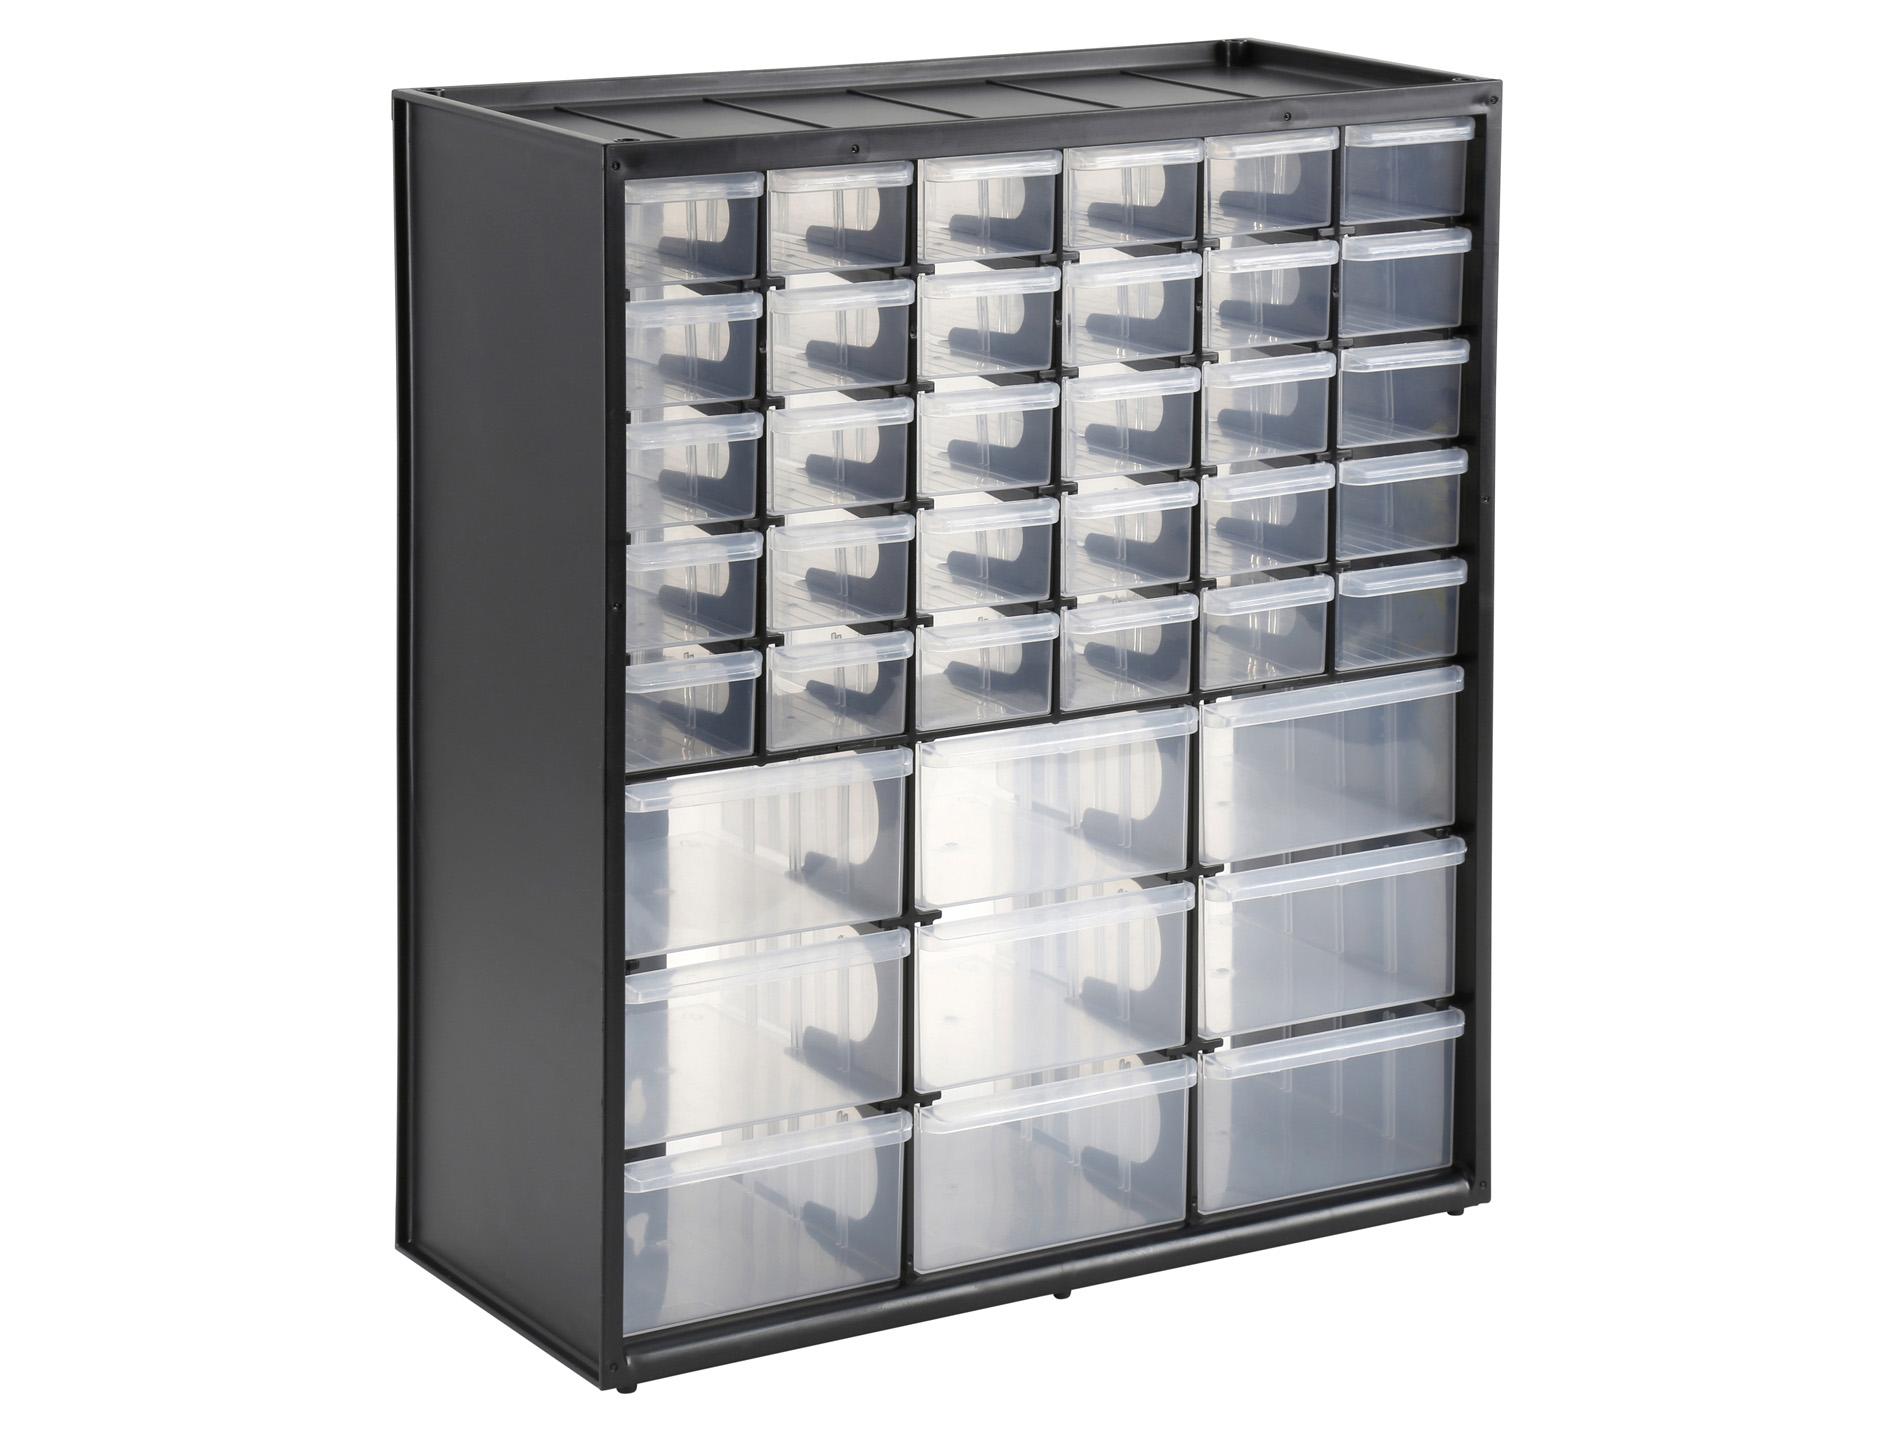 casier de rangement 39 compartiments stanley machines et am nagement d 39 atelier bricolage. Black Bedroom Furniture Sets. Home Design Ideas